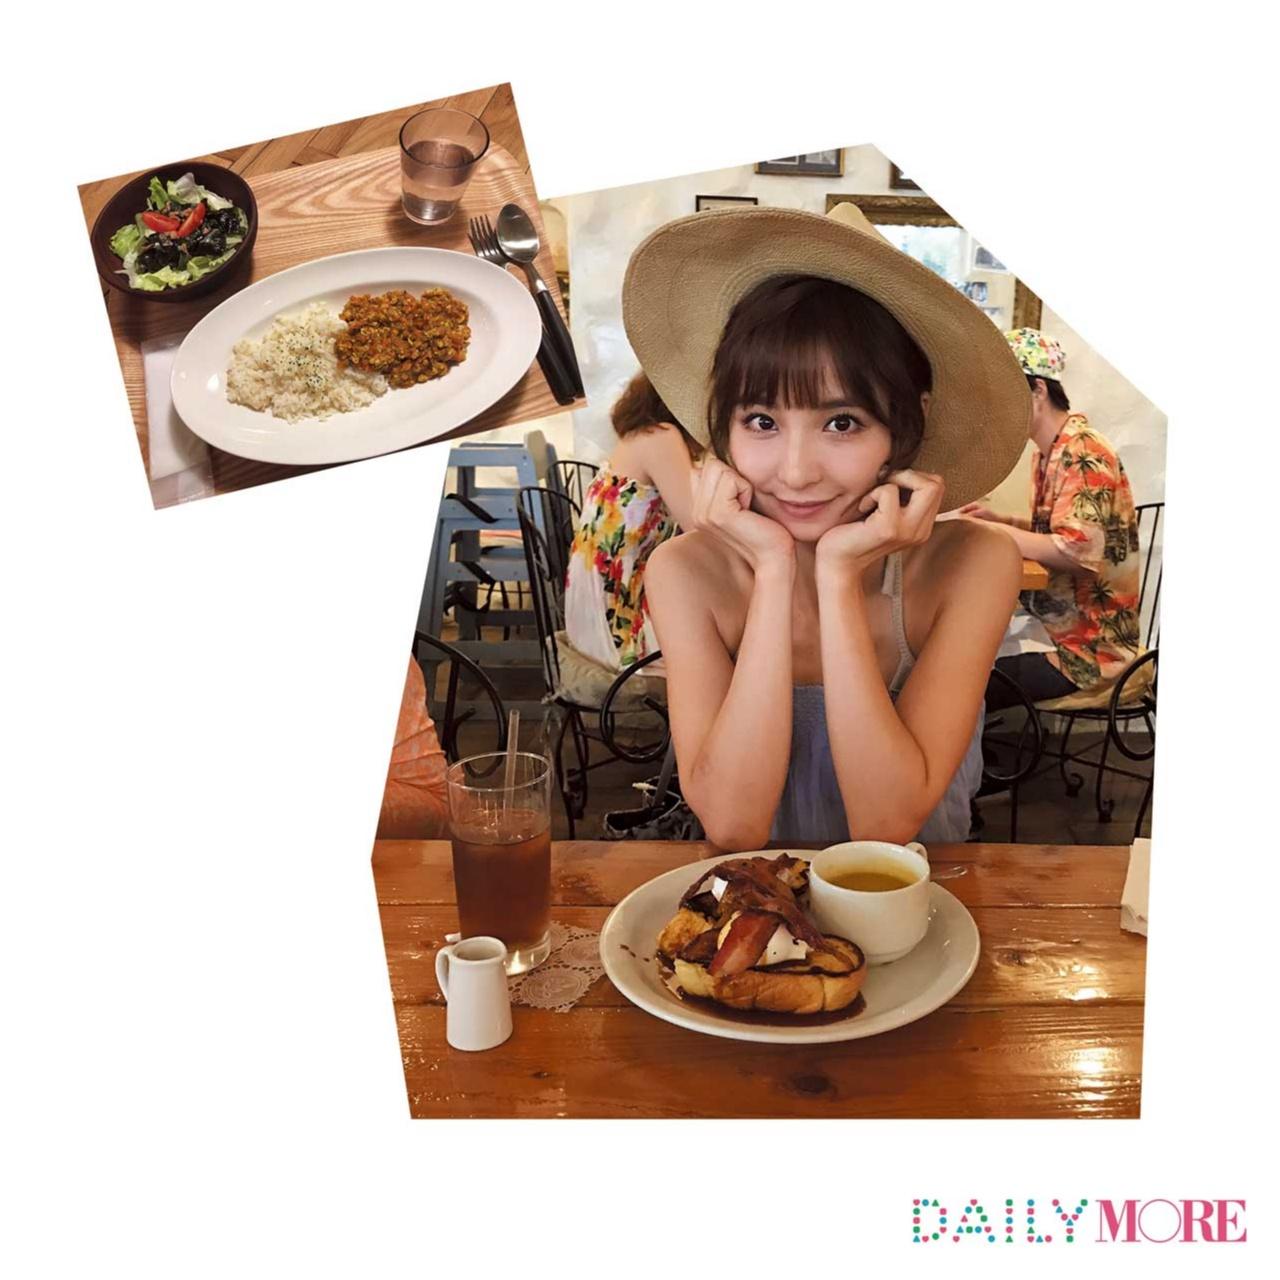 【篠田麻里子のデジレポ。】朝から元気の秘密は、あま~いフレンチトーストとスパイシーなカレー!_1